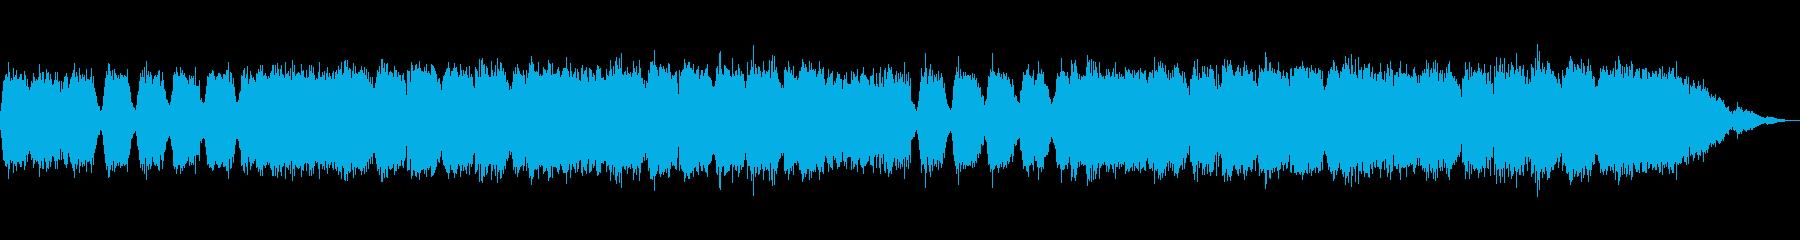 やさしい歌声のようなヒーリング音楽の再生済みの波形